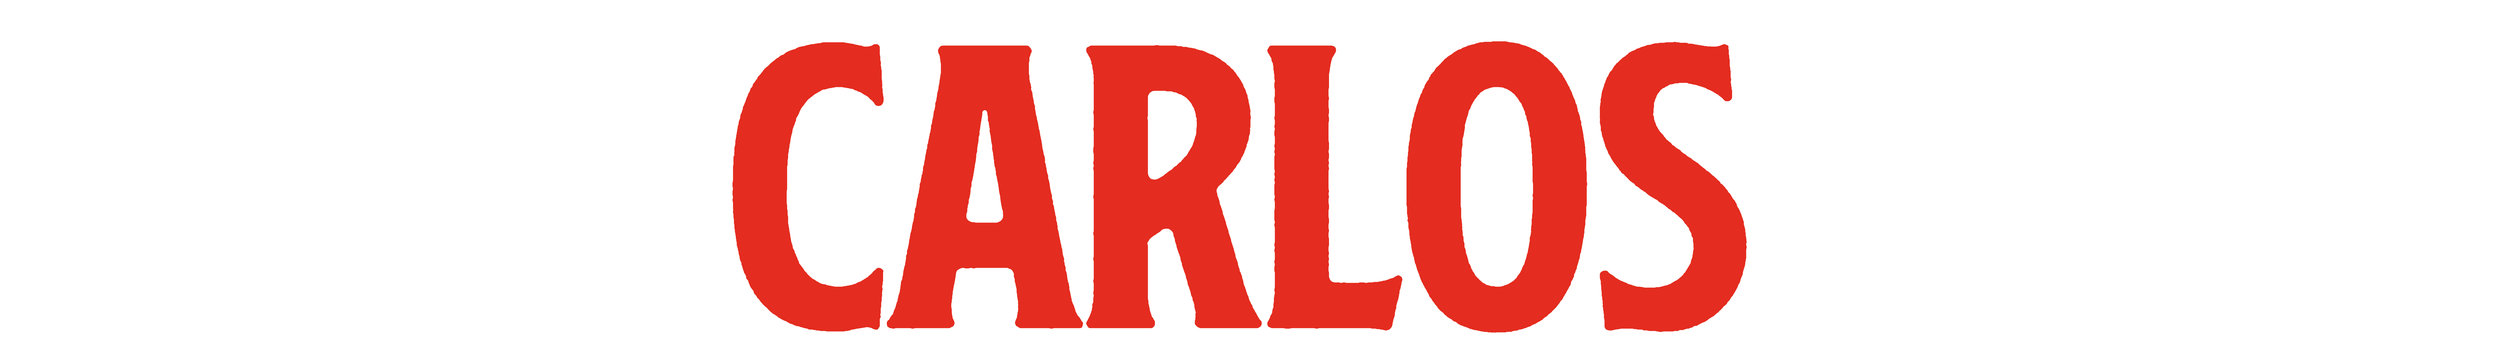 carlos_type (1).jpg